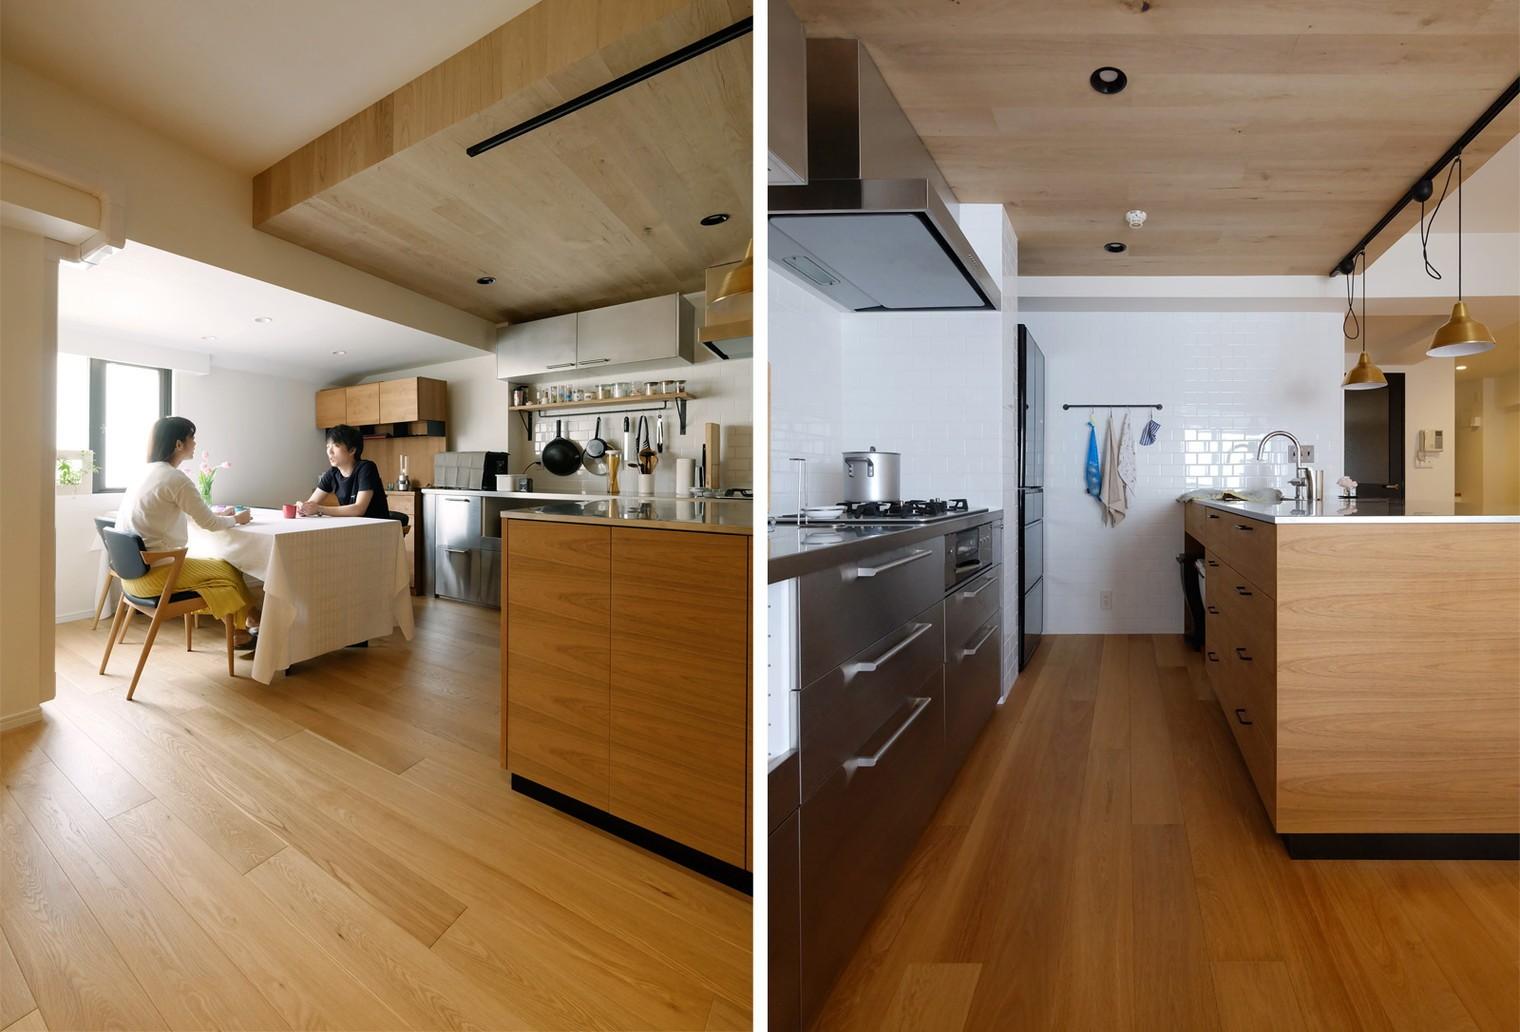 キッチン事例:キッチン(『Blanc』 ― 端正であること)